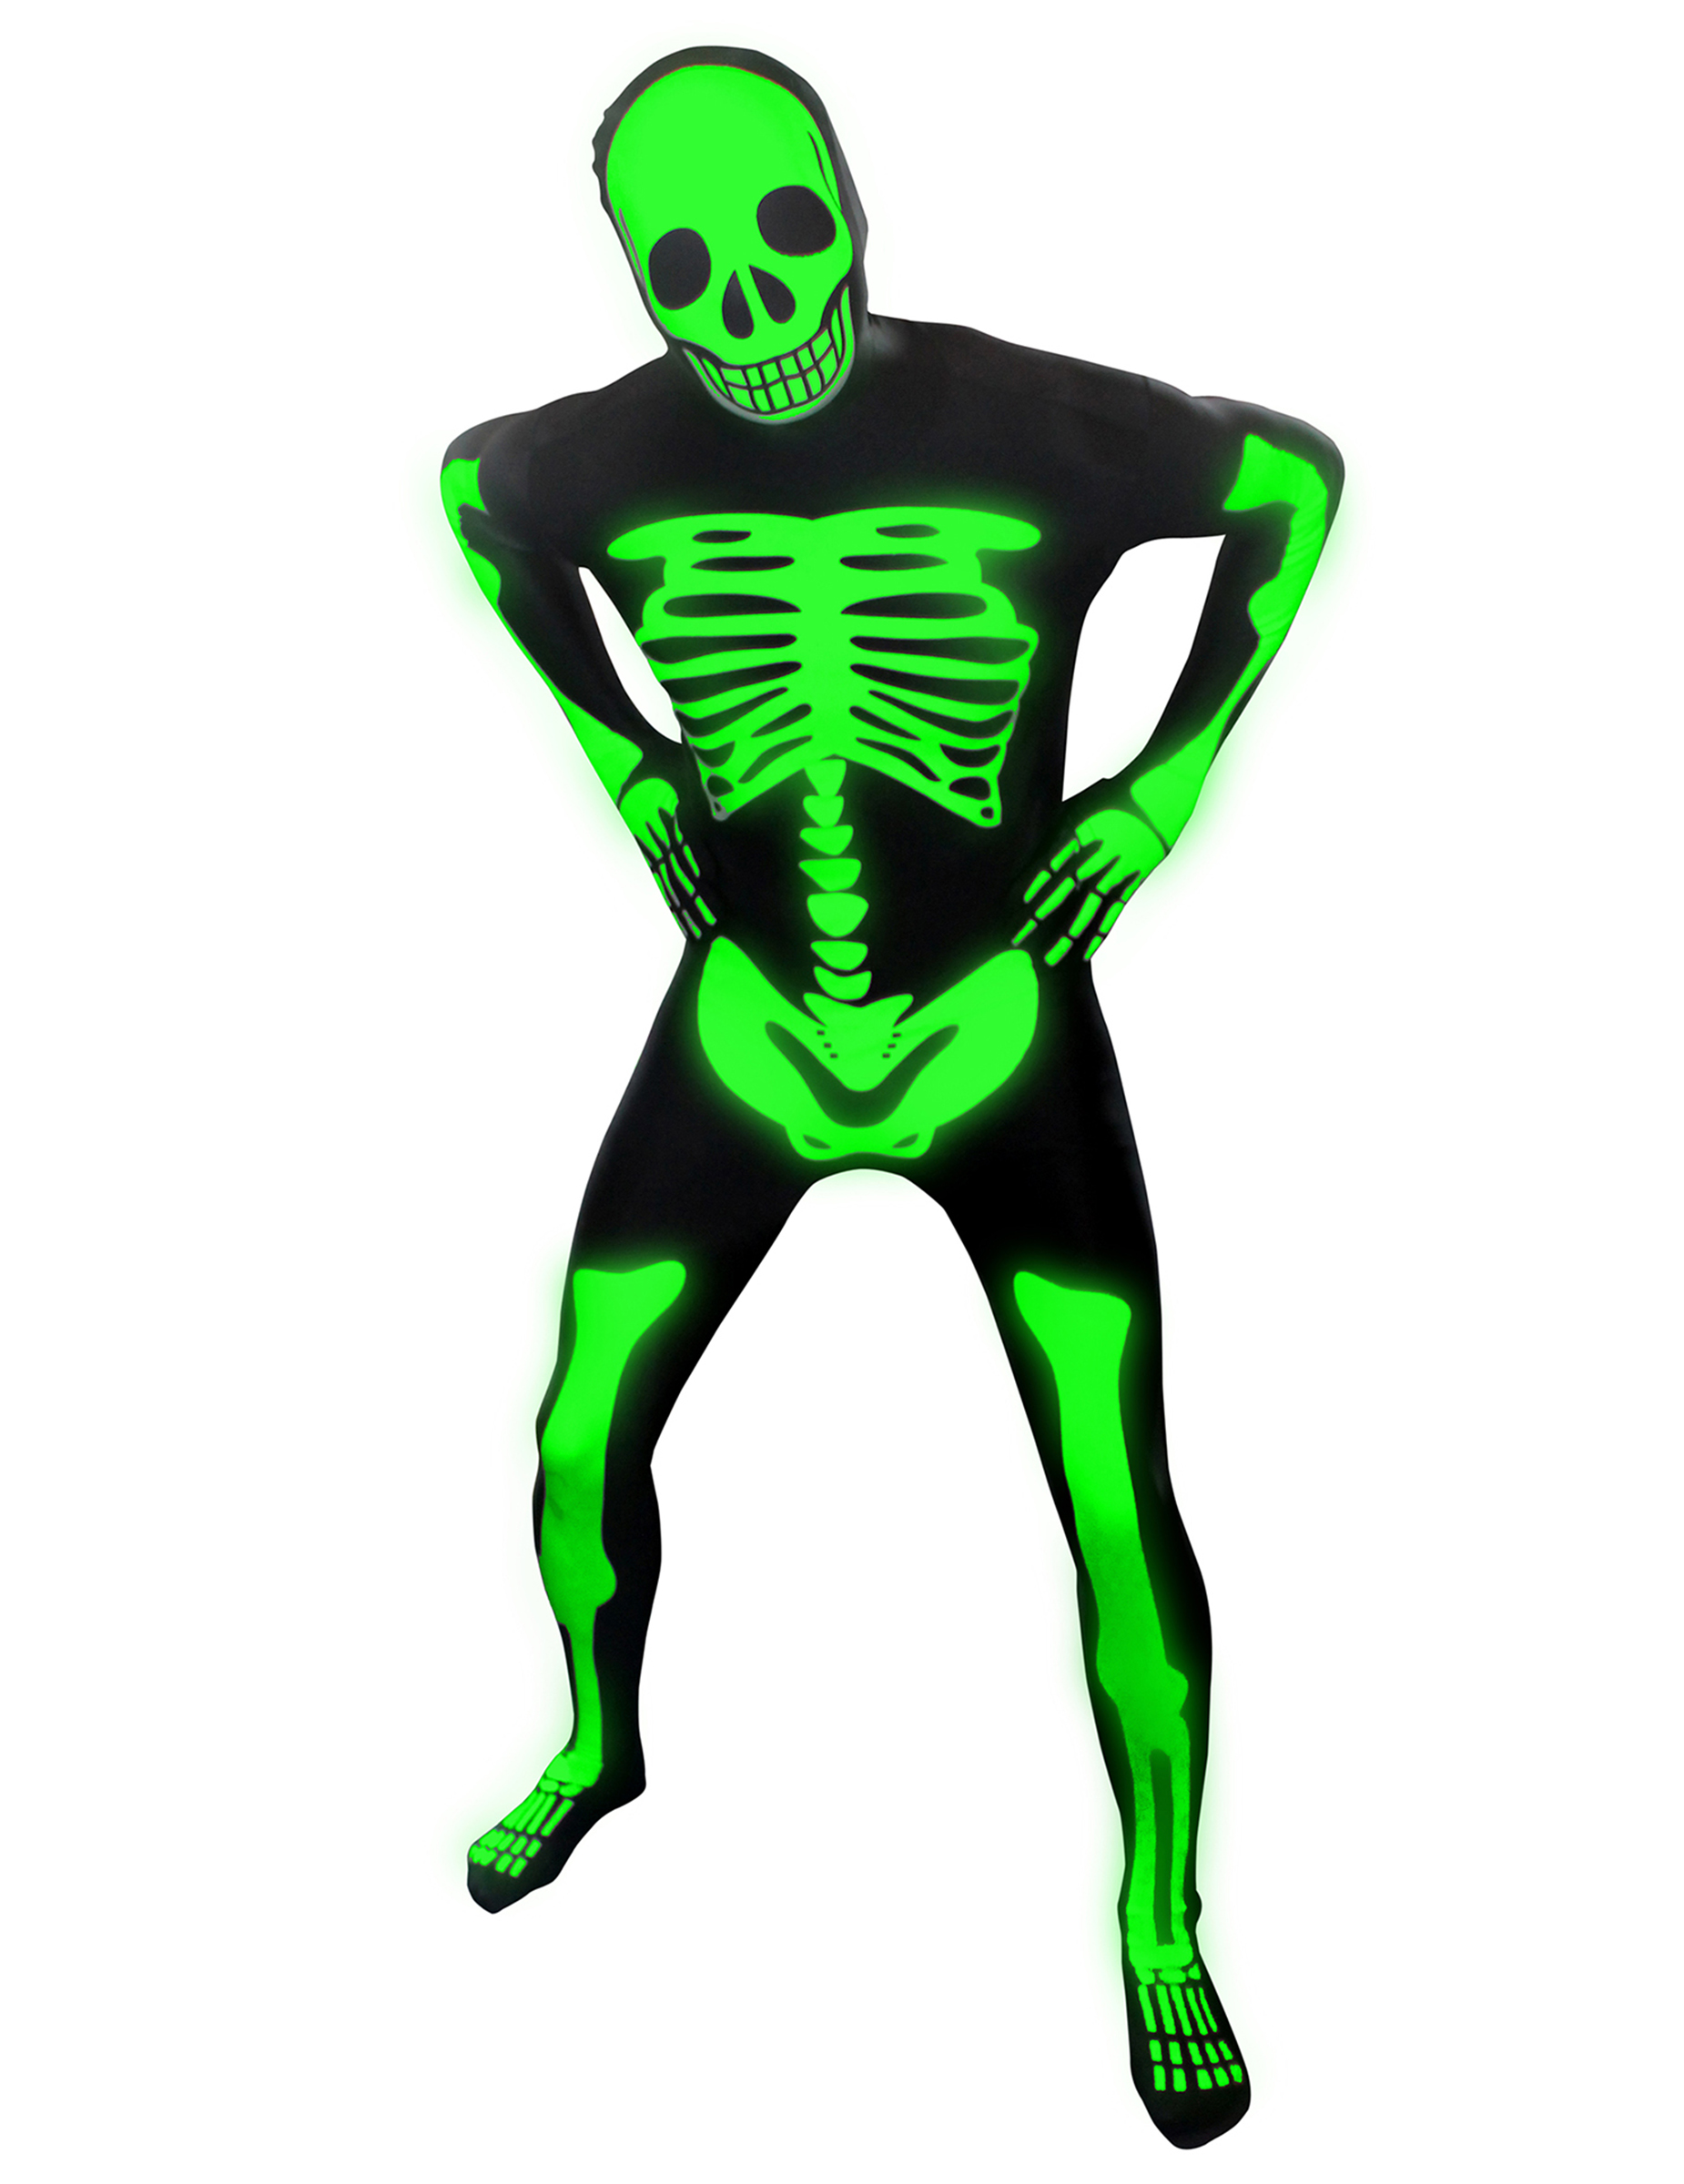 d guisement squelette phosphorescent enfant morphsuits halloween deguise toi achat de. Black Bedroom Furniture Sets. Home Design Ideas